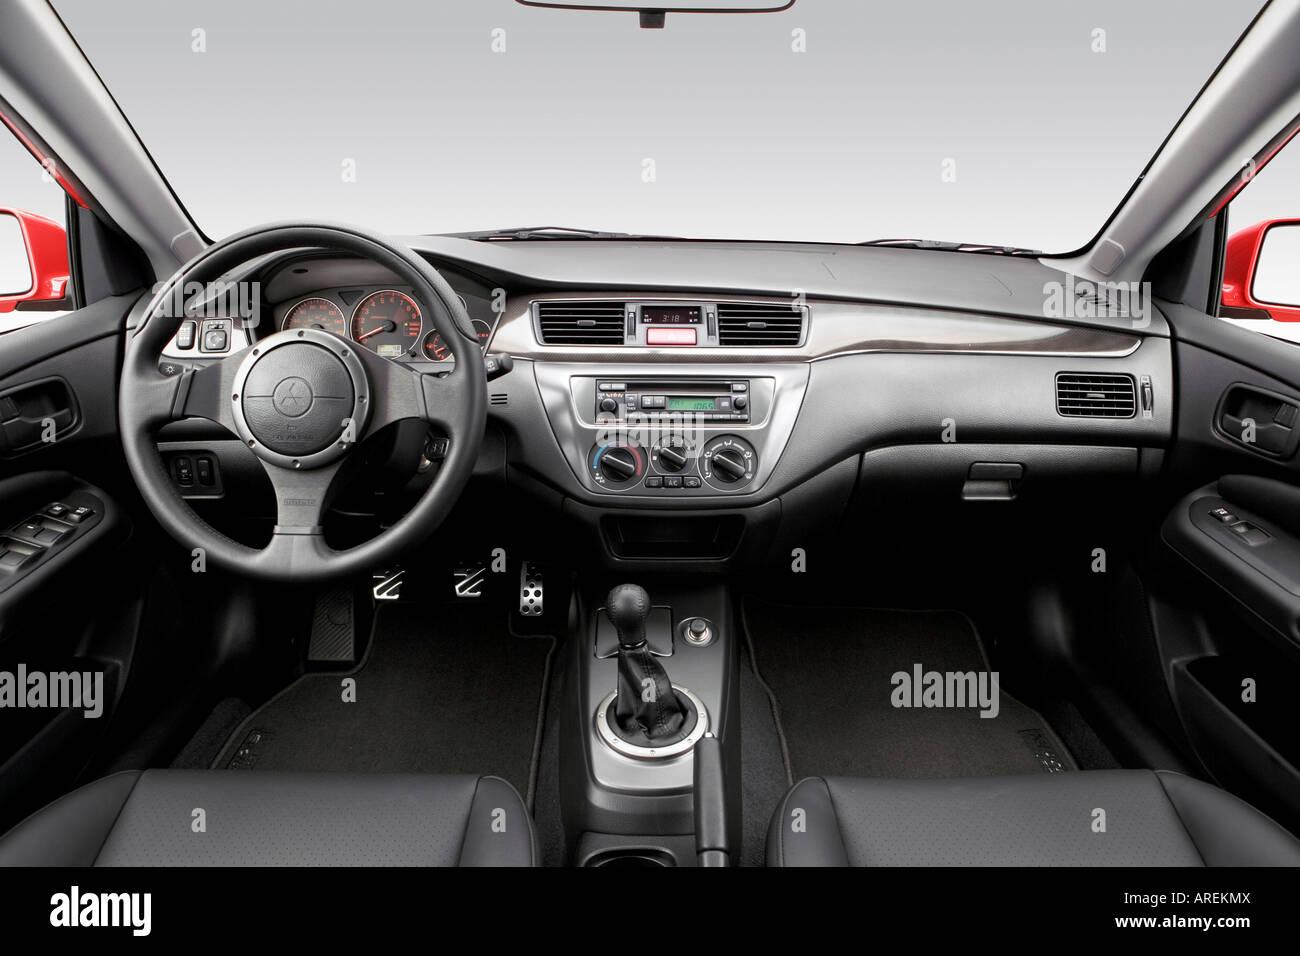 2006 Mitsubishi Lancer Evolution IX Em Vermelho   Painel De Bordo, Consola  Central, Vista De Mudança De Marchas